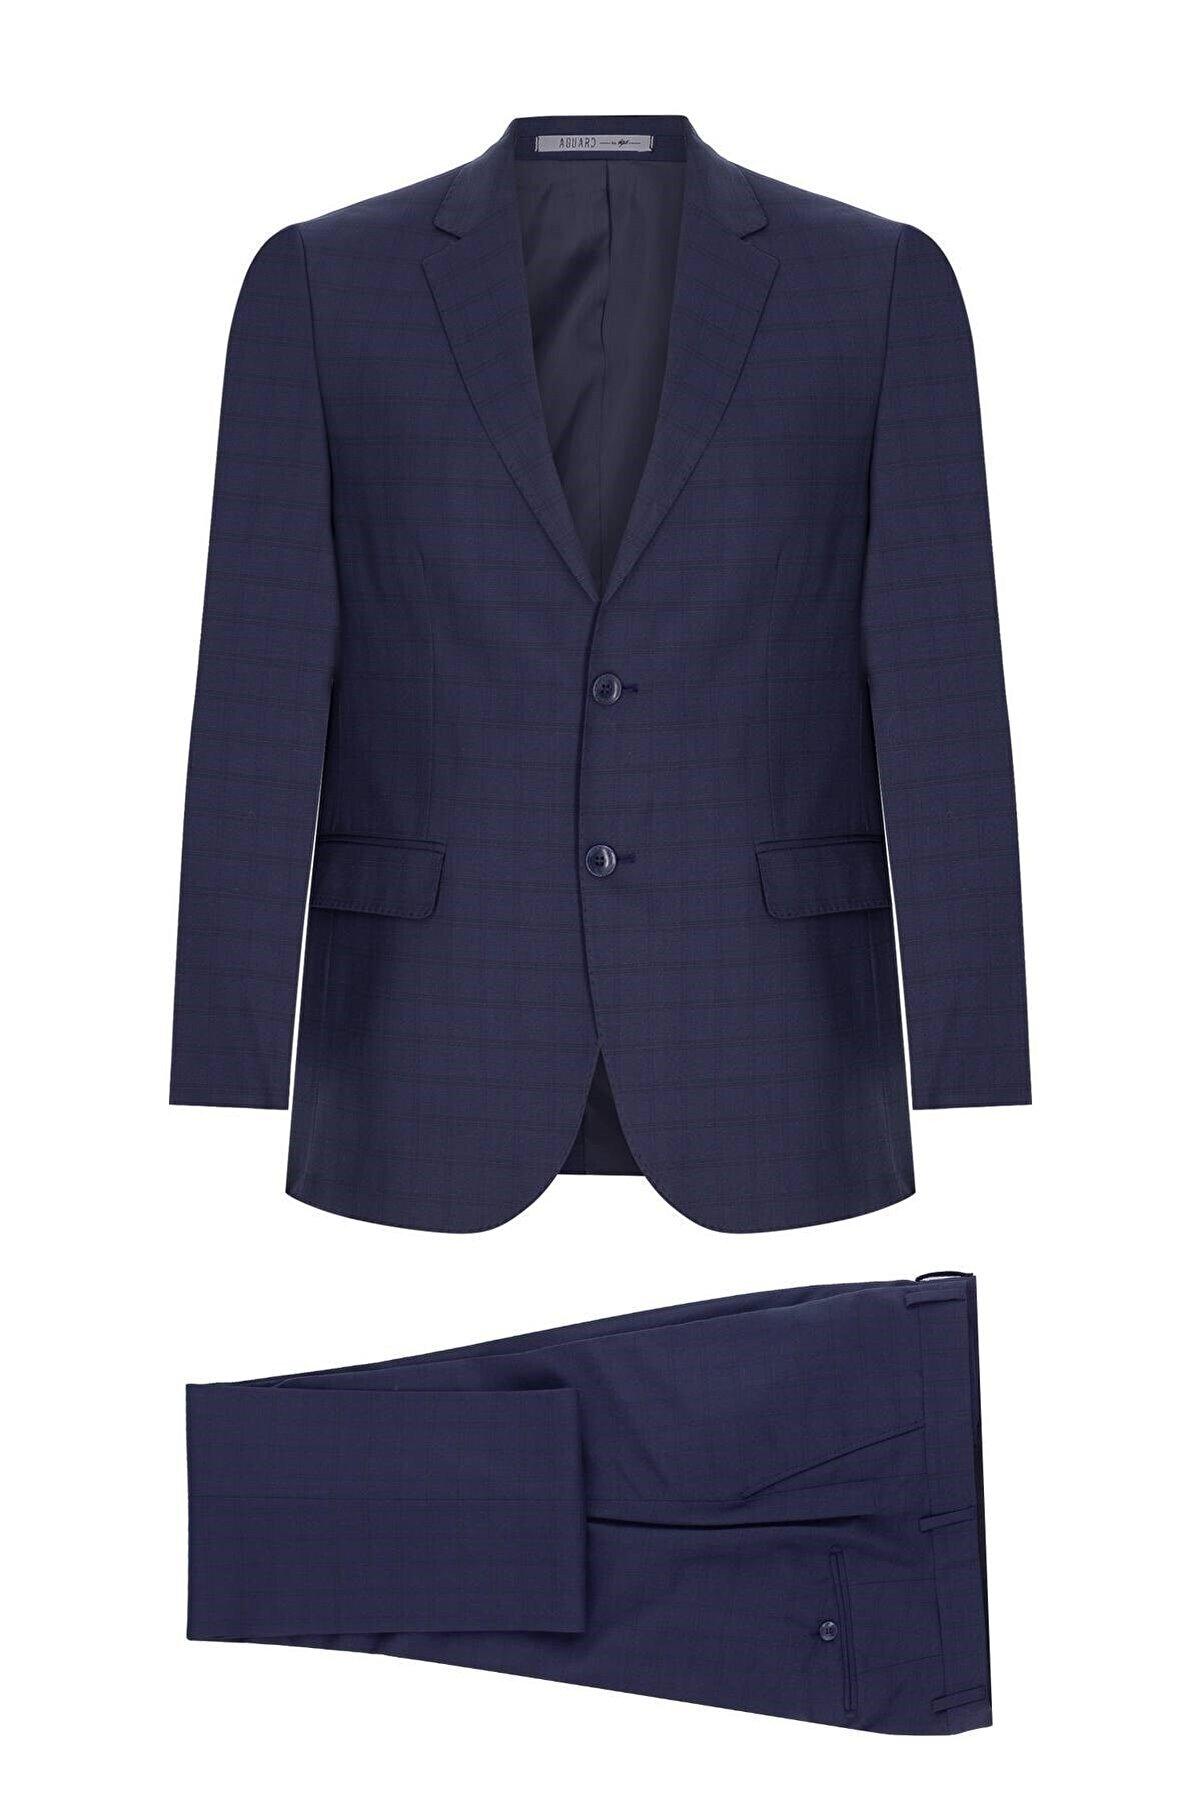 İgs Erkek Füme Barı / Geniş Kalıp Mono Yaka Takım Elbise